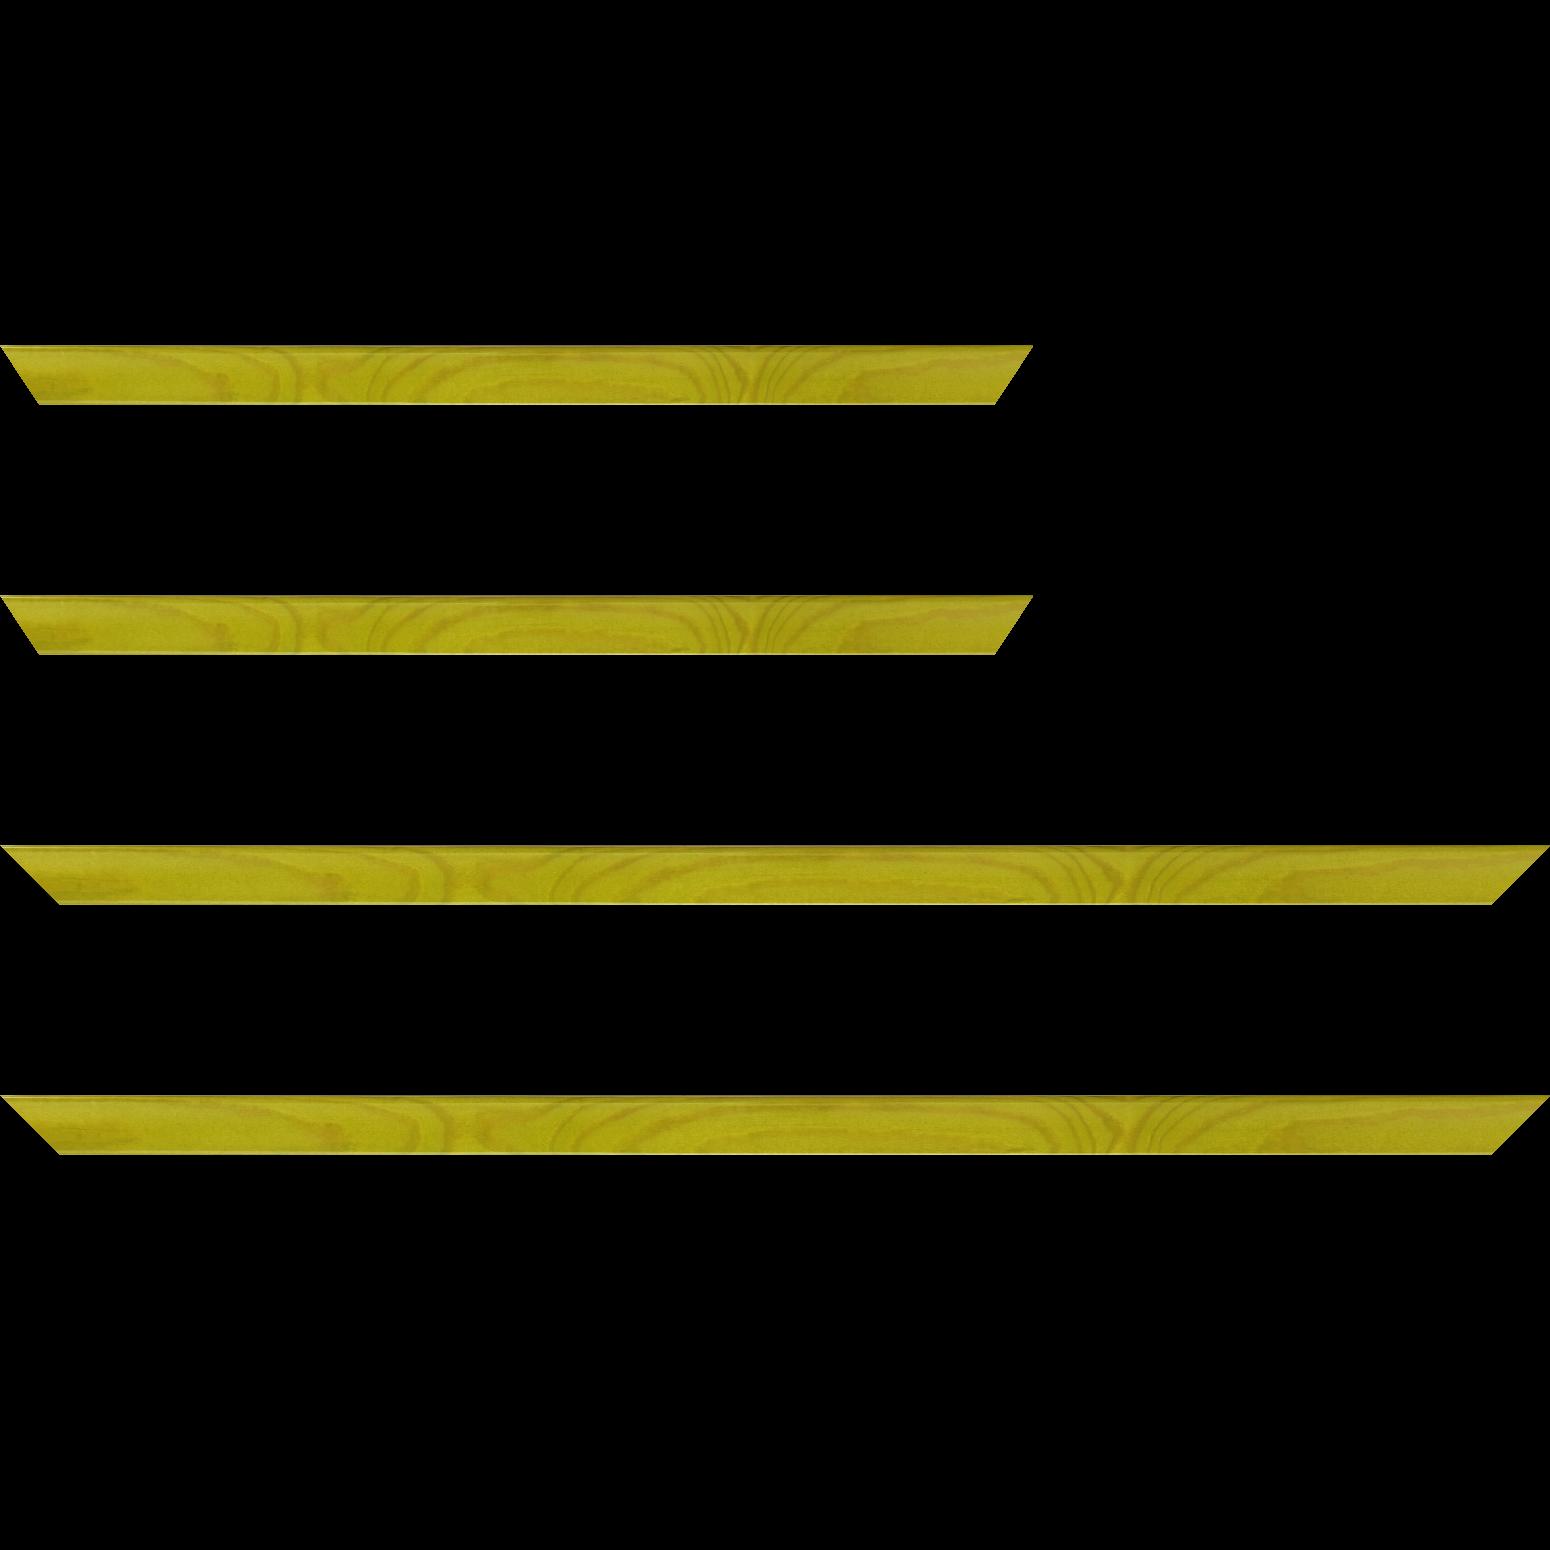 Baguette service précoupé Bois profil arrondi plongeant largeur 2cm couleur vert anis vernis sur pin (veine du bois apparent)